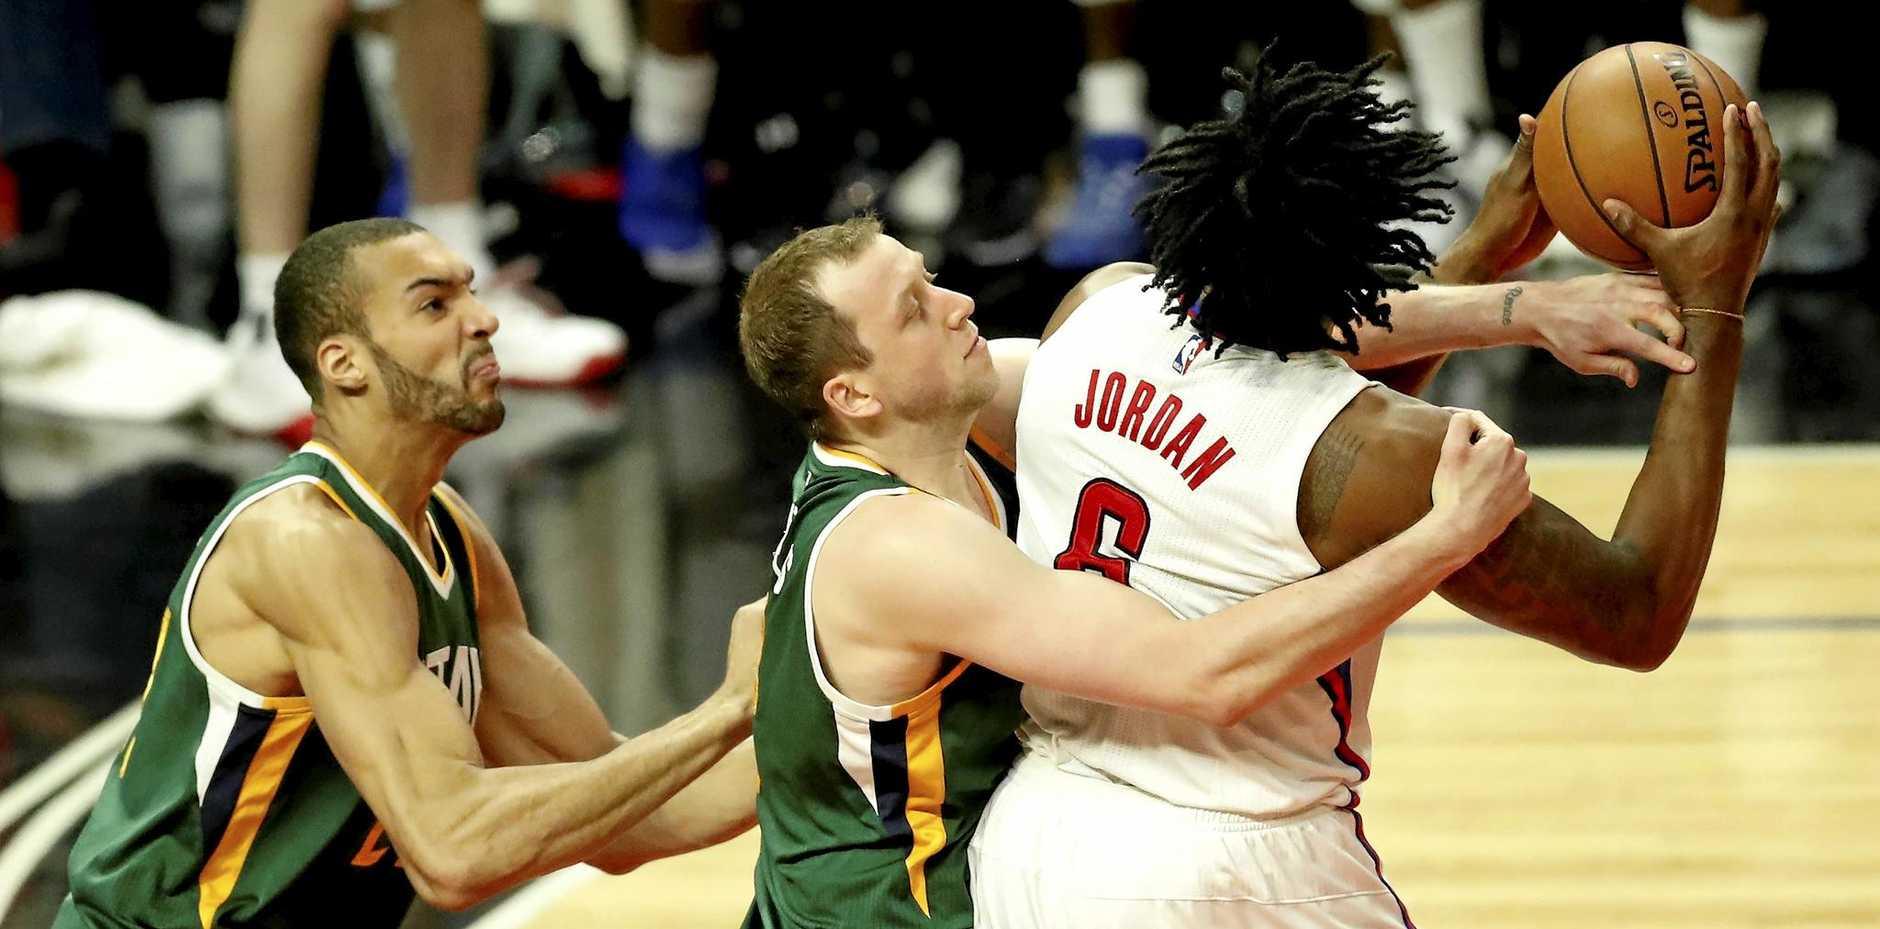 The LA Clippers' DeAndre Jordan (R) is tied up  by Utah Jazz's Joe Ingles